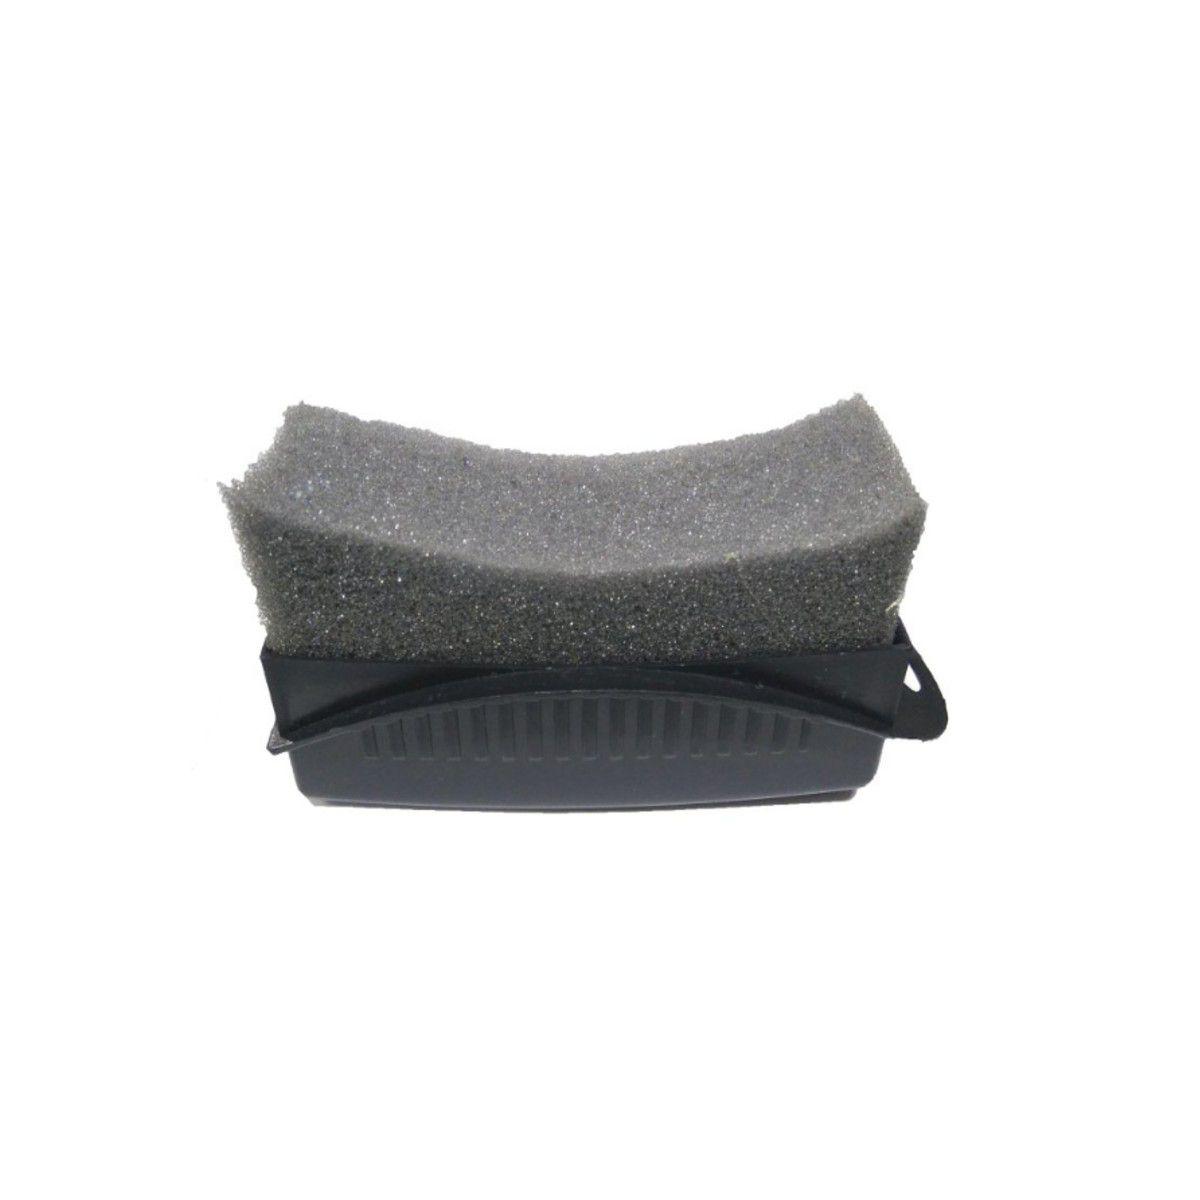 Escovas p/ Rodas (Caixa, Furo, Pneu) + Aplicador de Pretinho